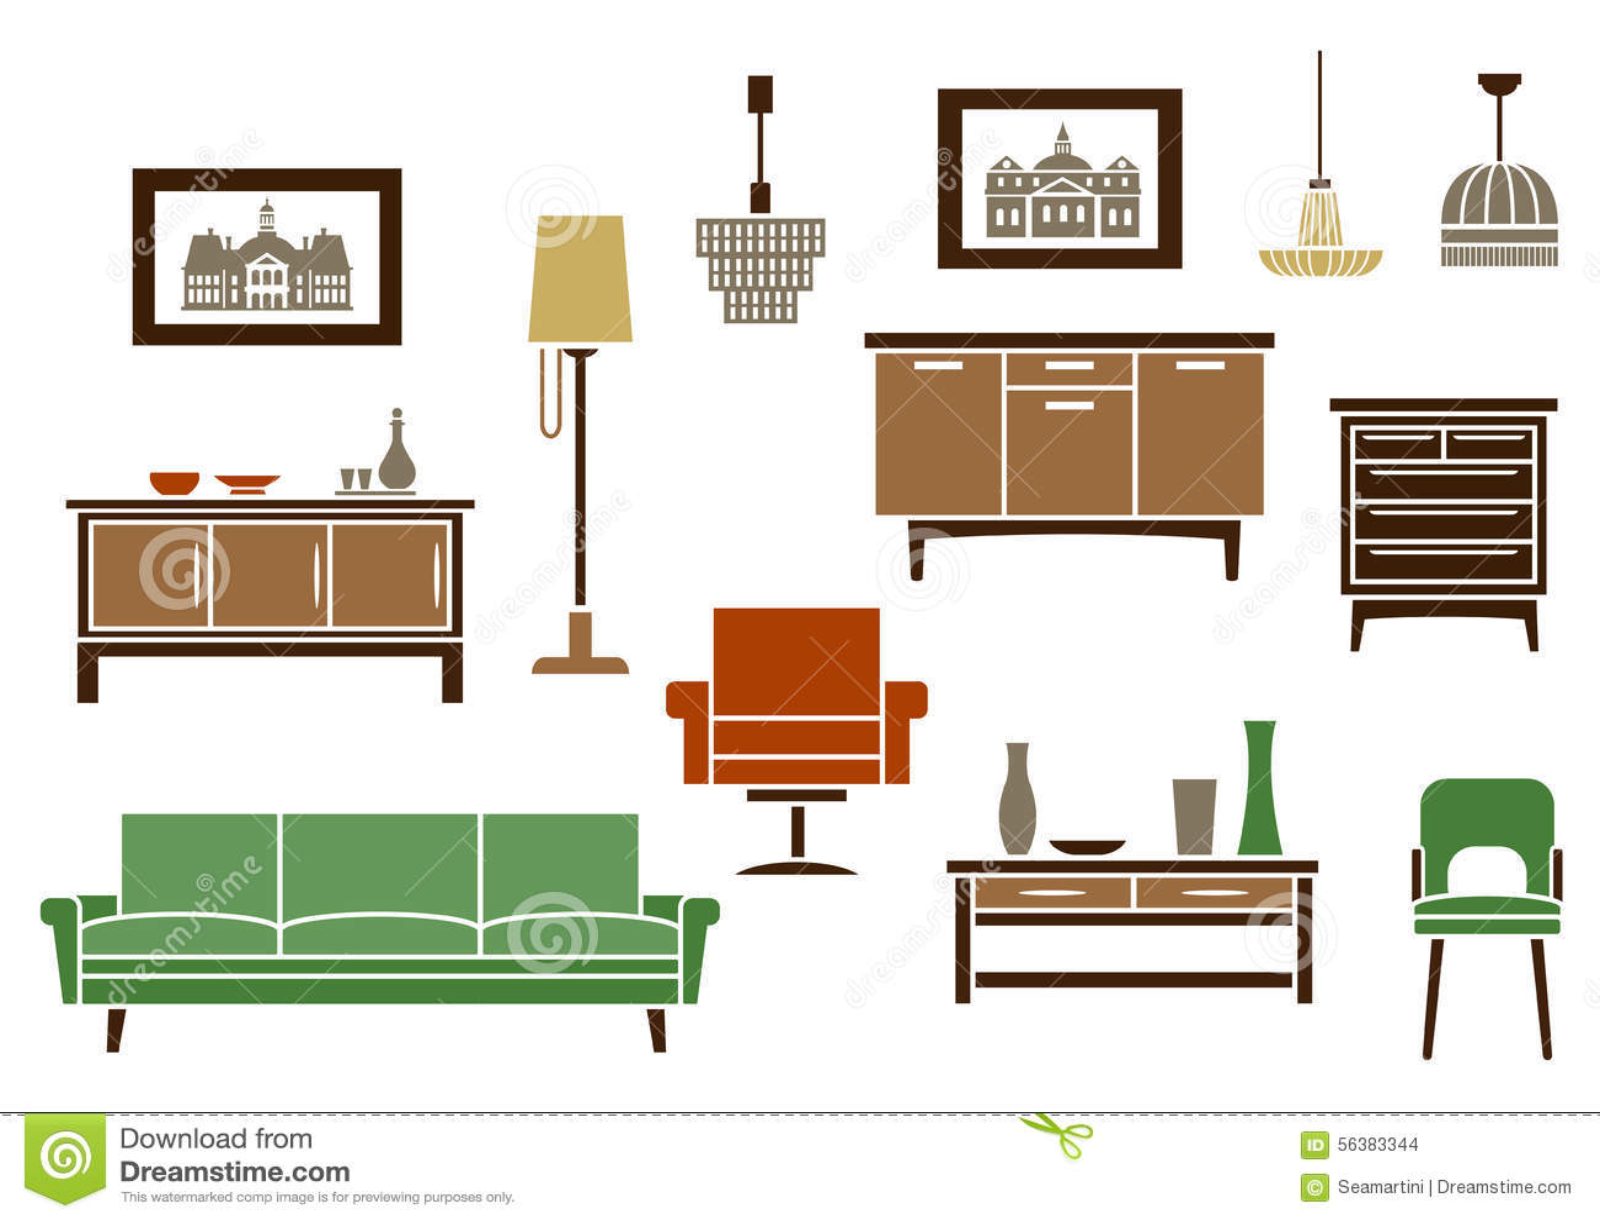 Muebles del hogar e iconos planos interiores ilustraci n - Hogar del mueble ingenio ...